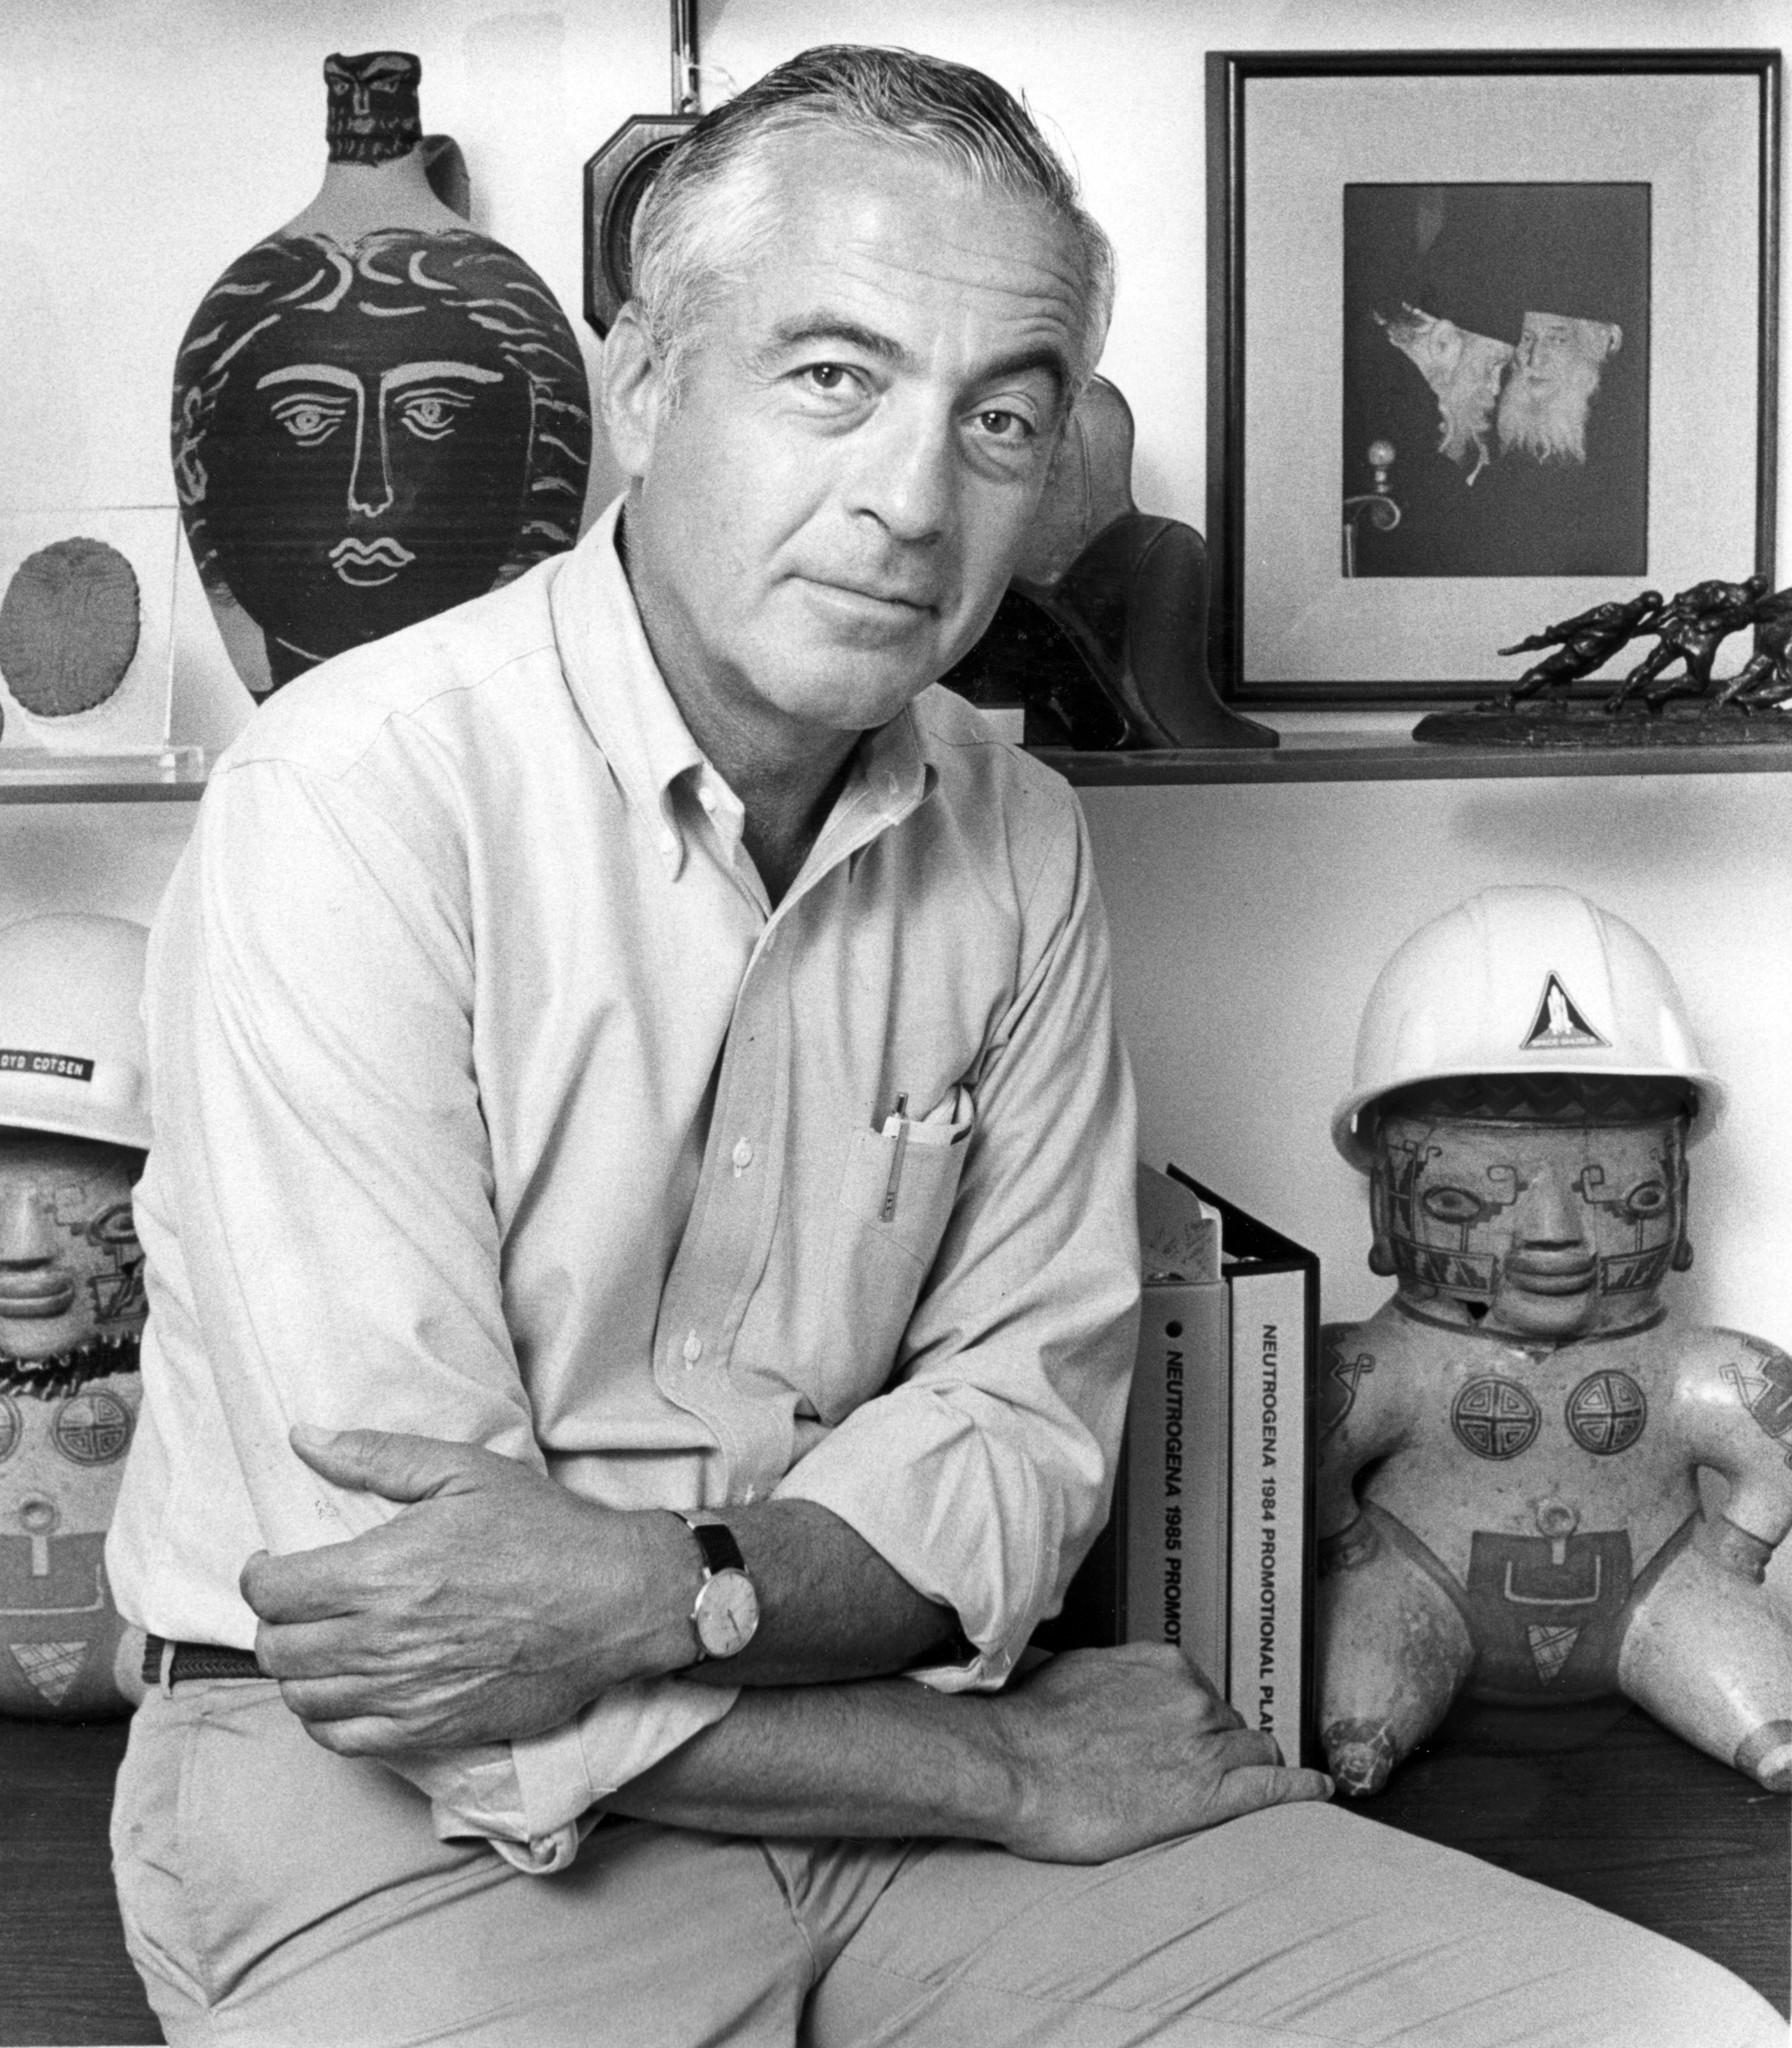 Lloyd Cotsen, the multimillionaire soap salesman who became an elite L.A. philanthropist, dies at 88